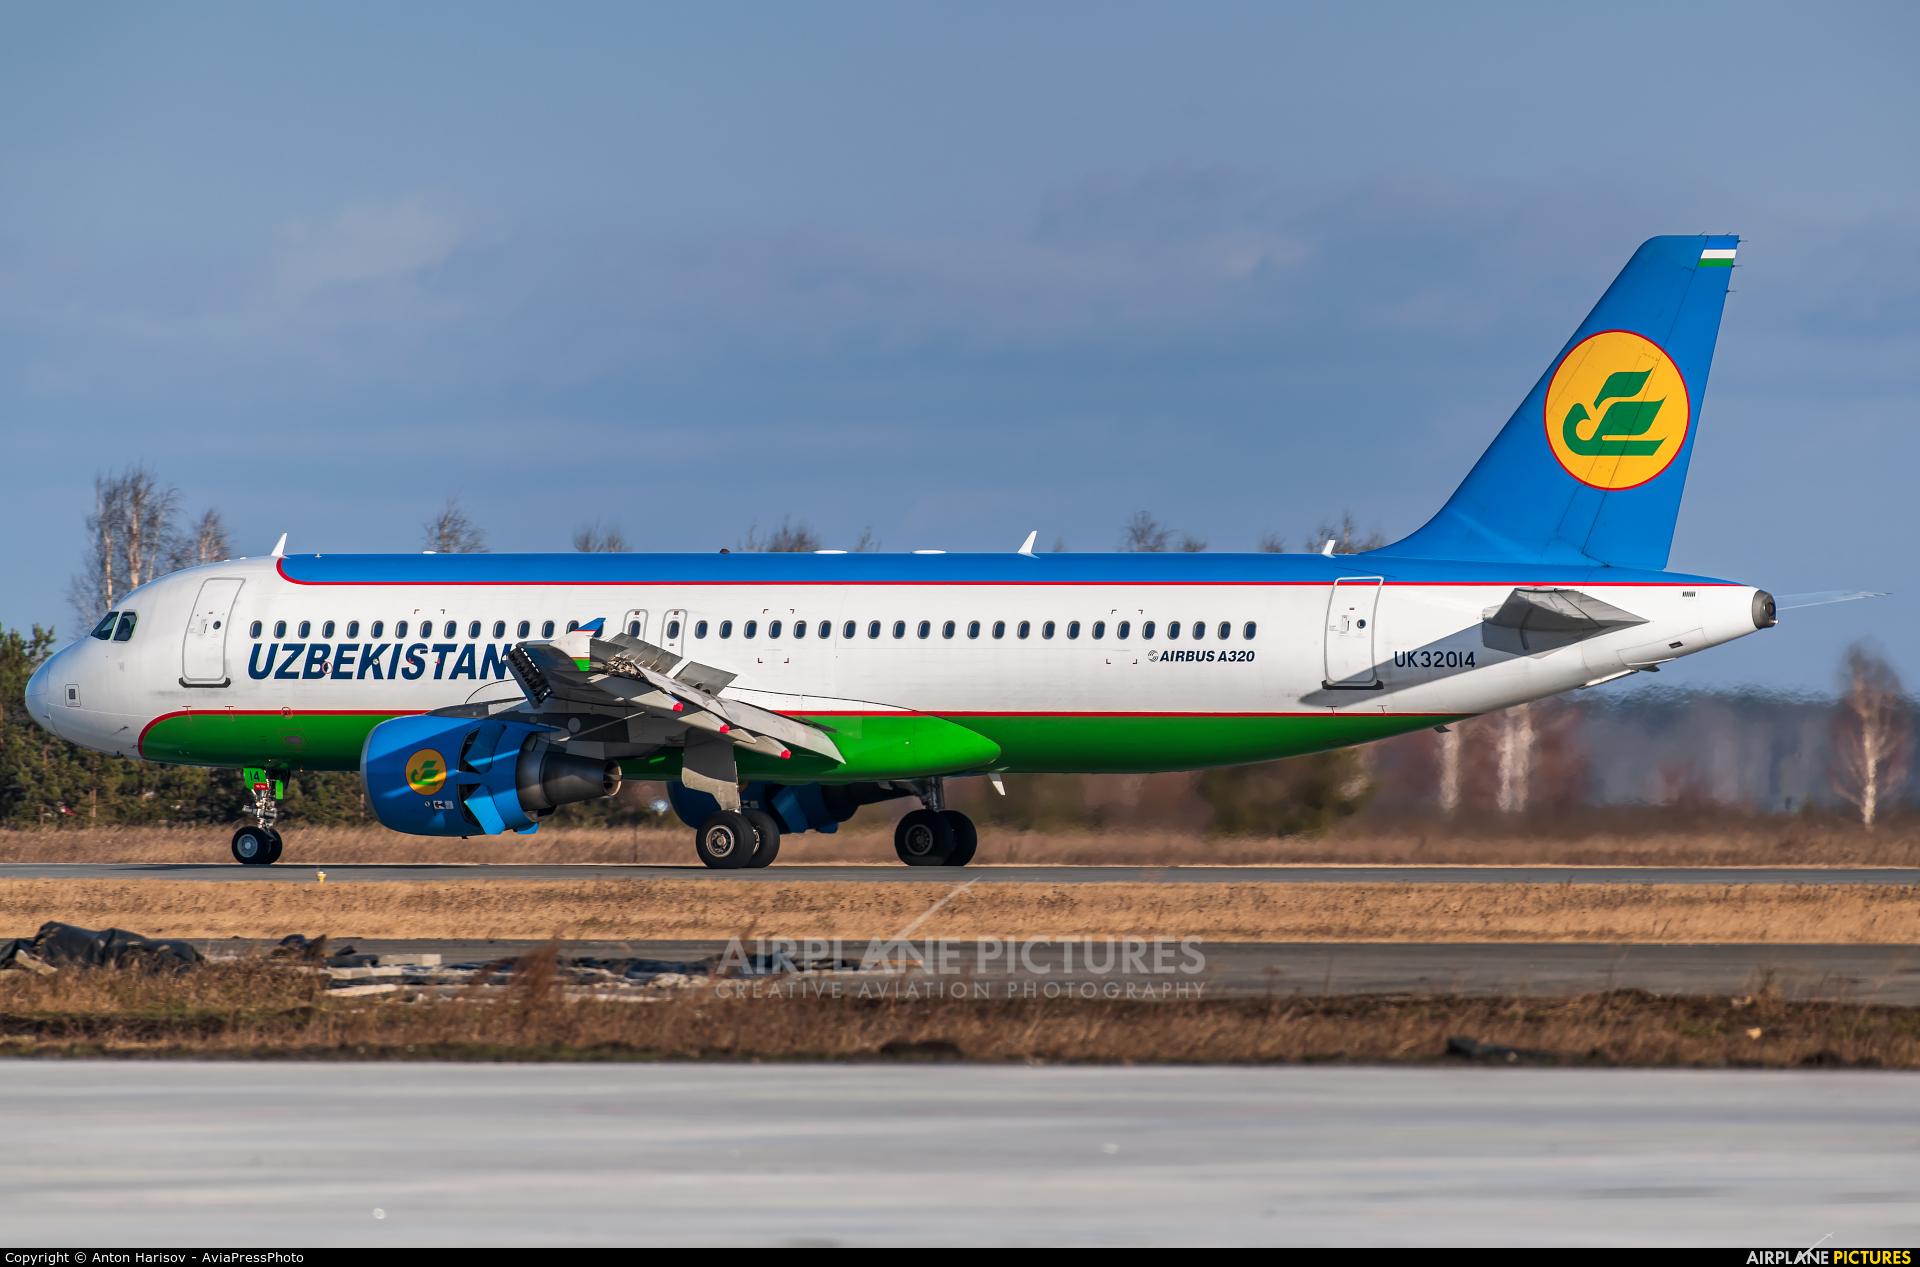 Uzbekistan Airways UK32014 aircraft at Chelyabinsk